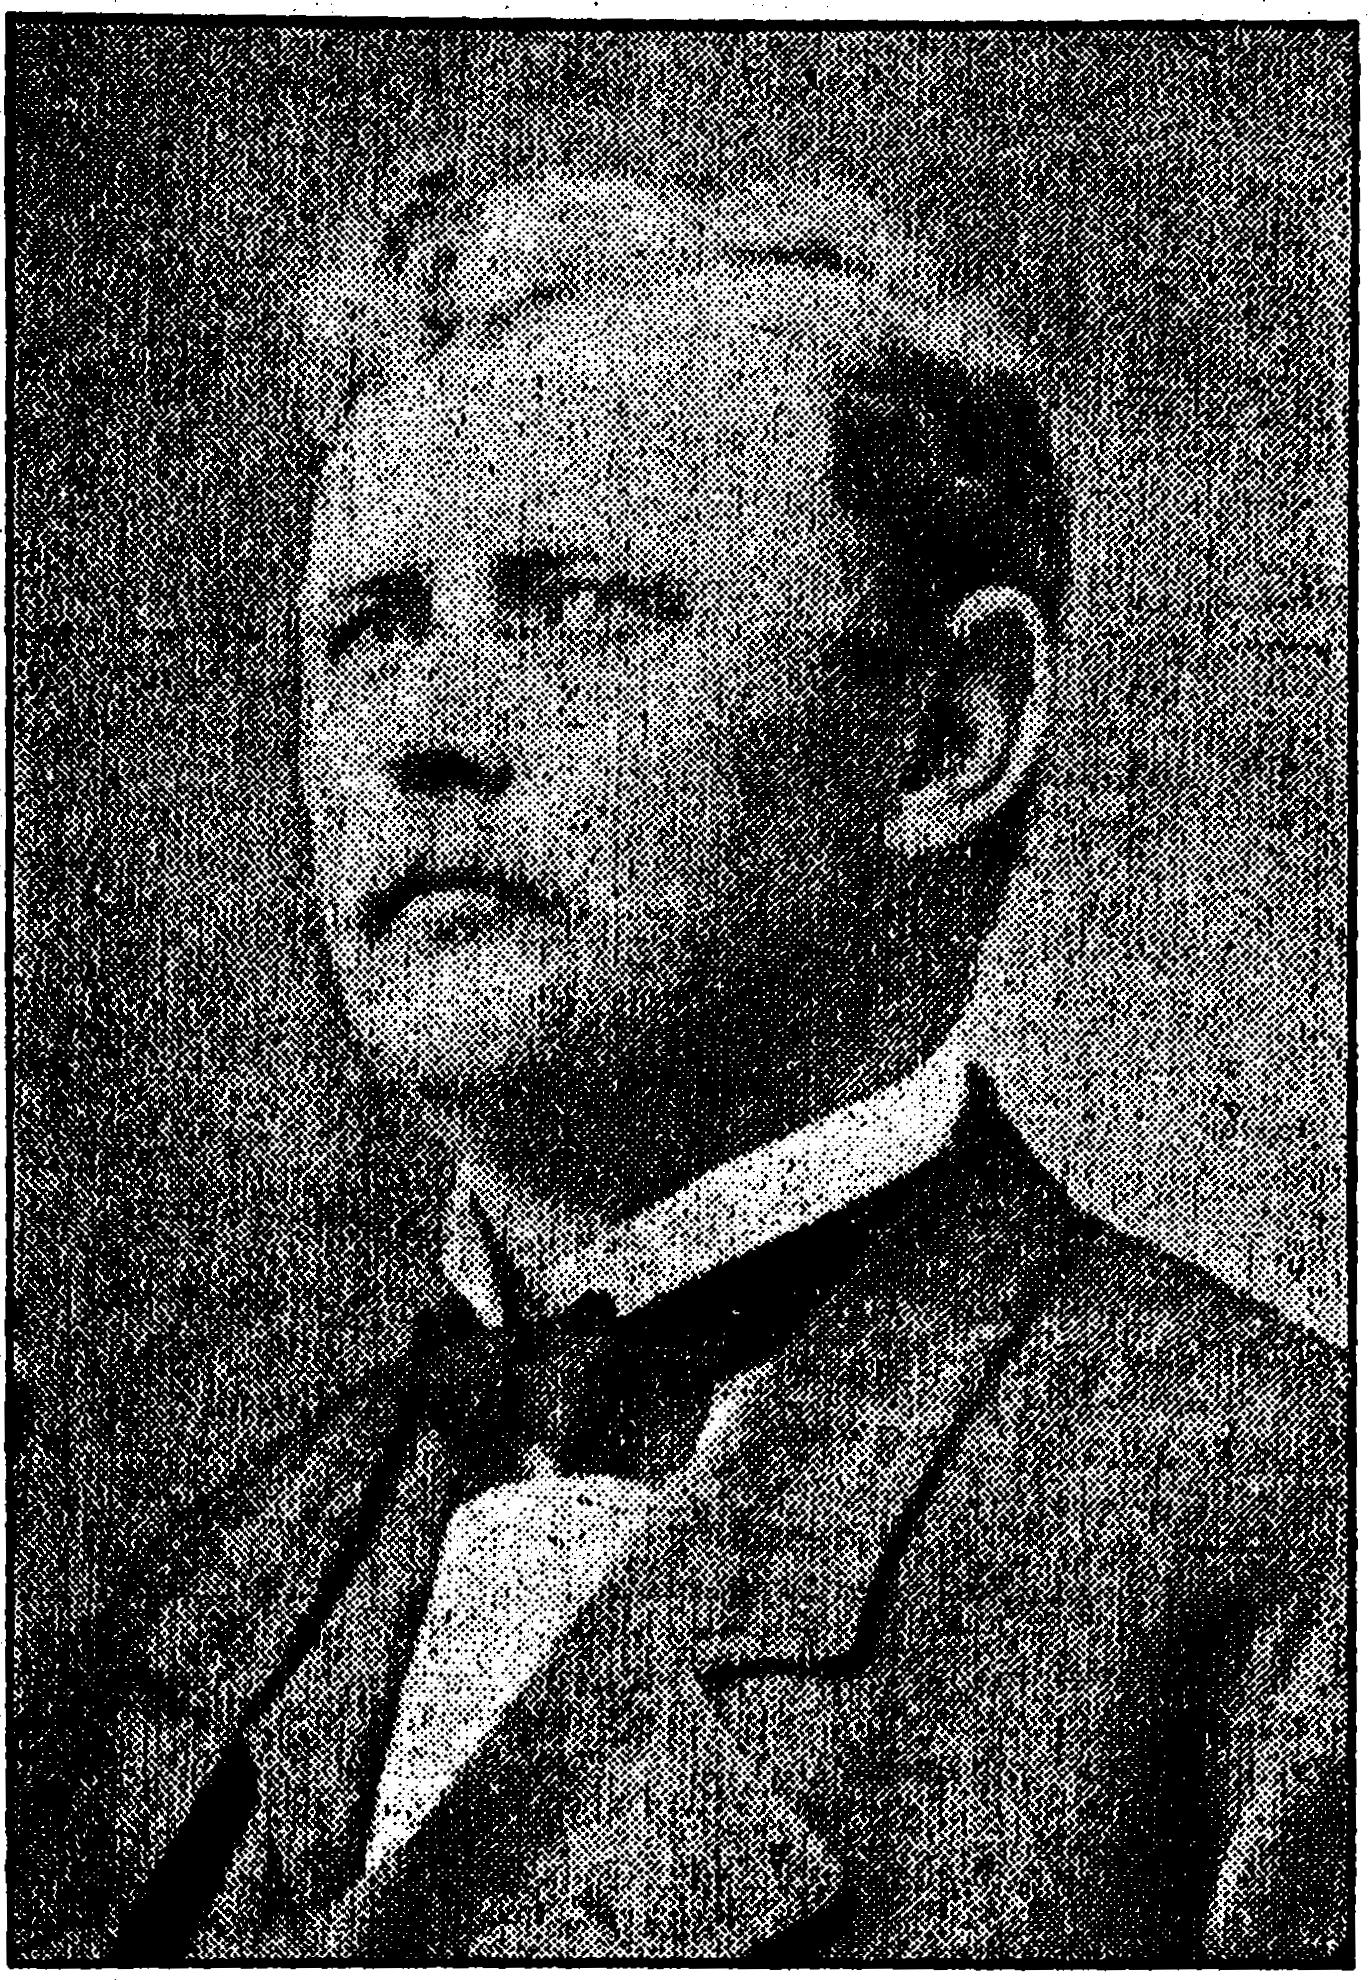 Deputy Sheriff Clarence Woolman   Pottawattamie County Sheriff's Office, Iowa